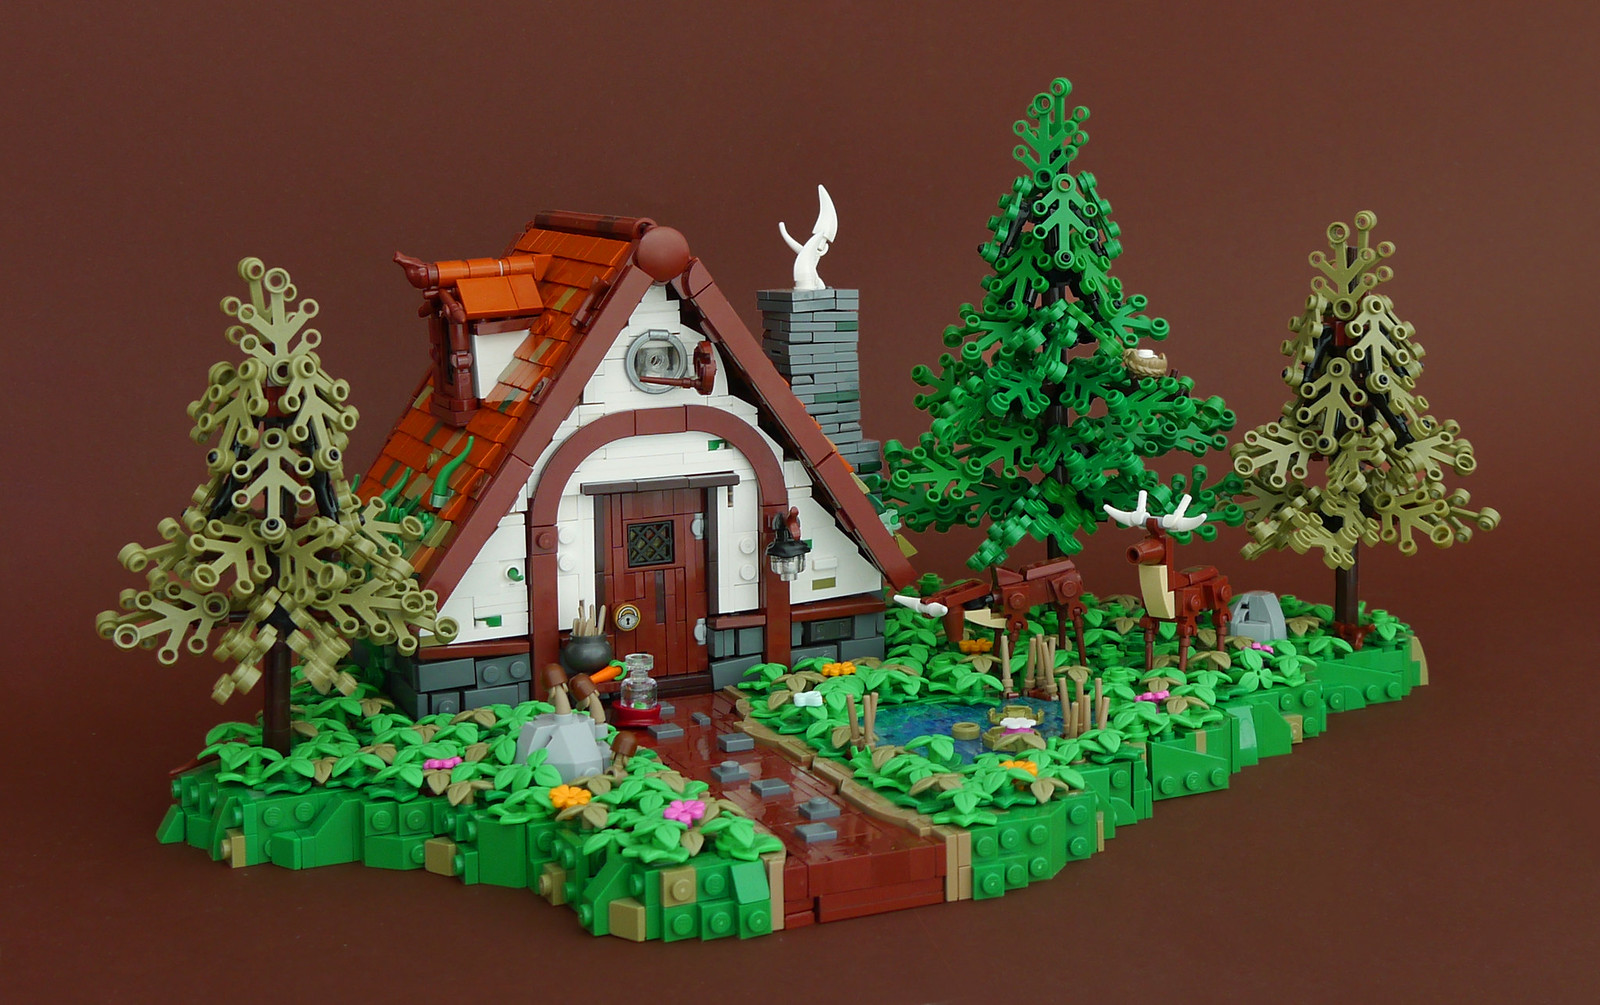 Idyllic forest house